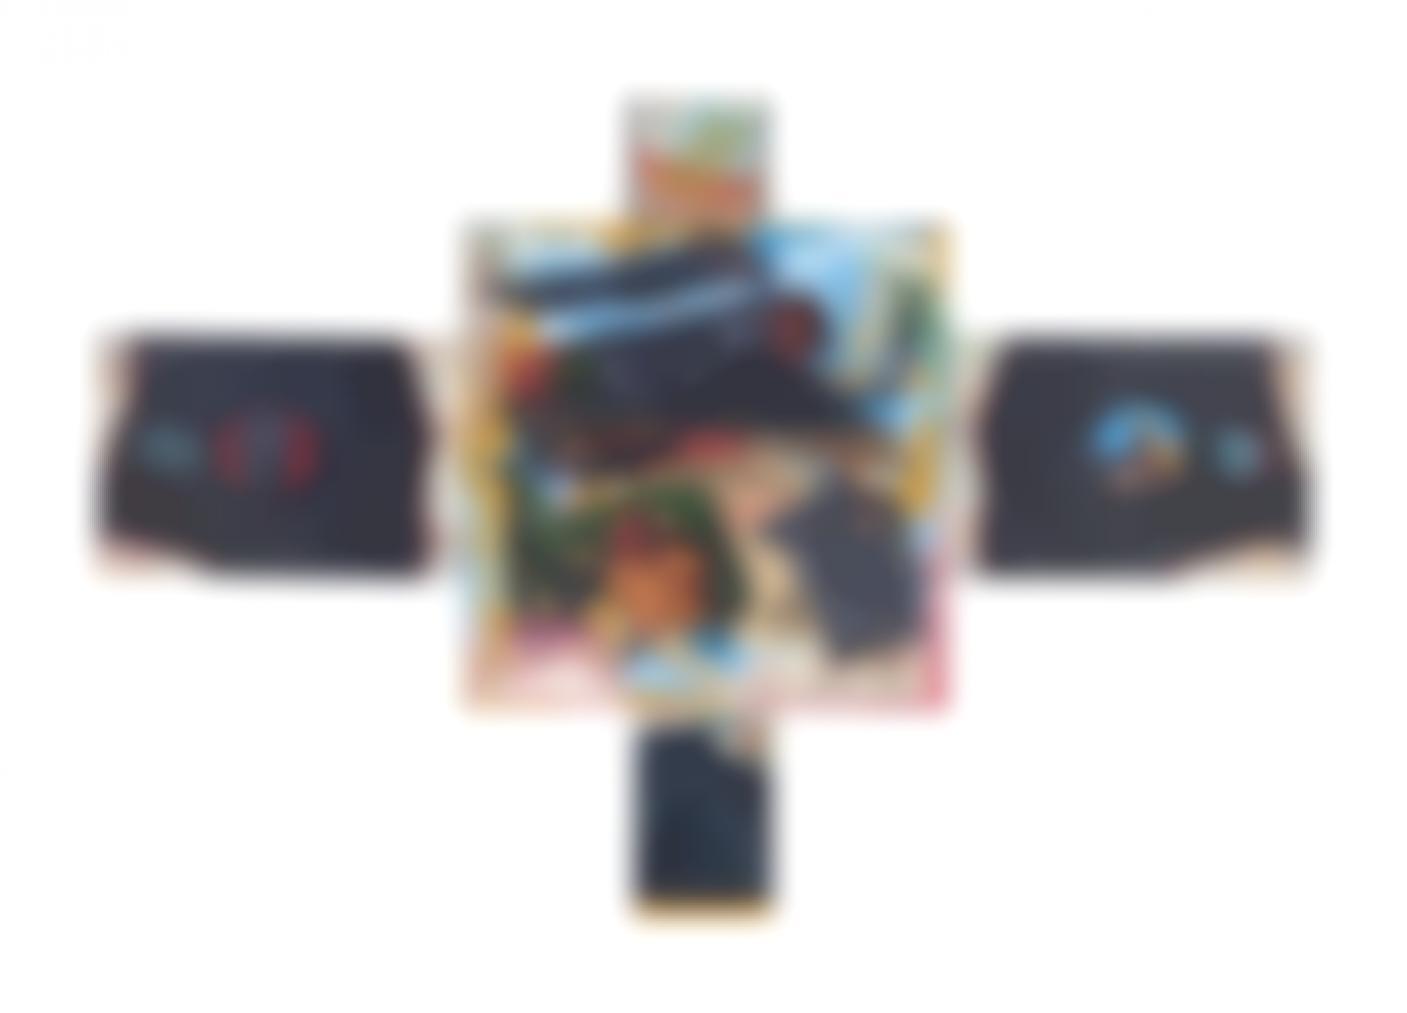 David Wojnarowicz-Mexico Crucifix-1988